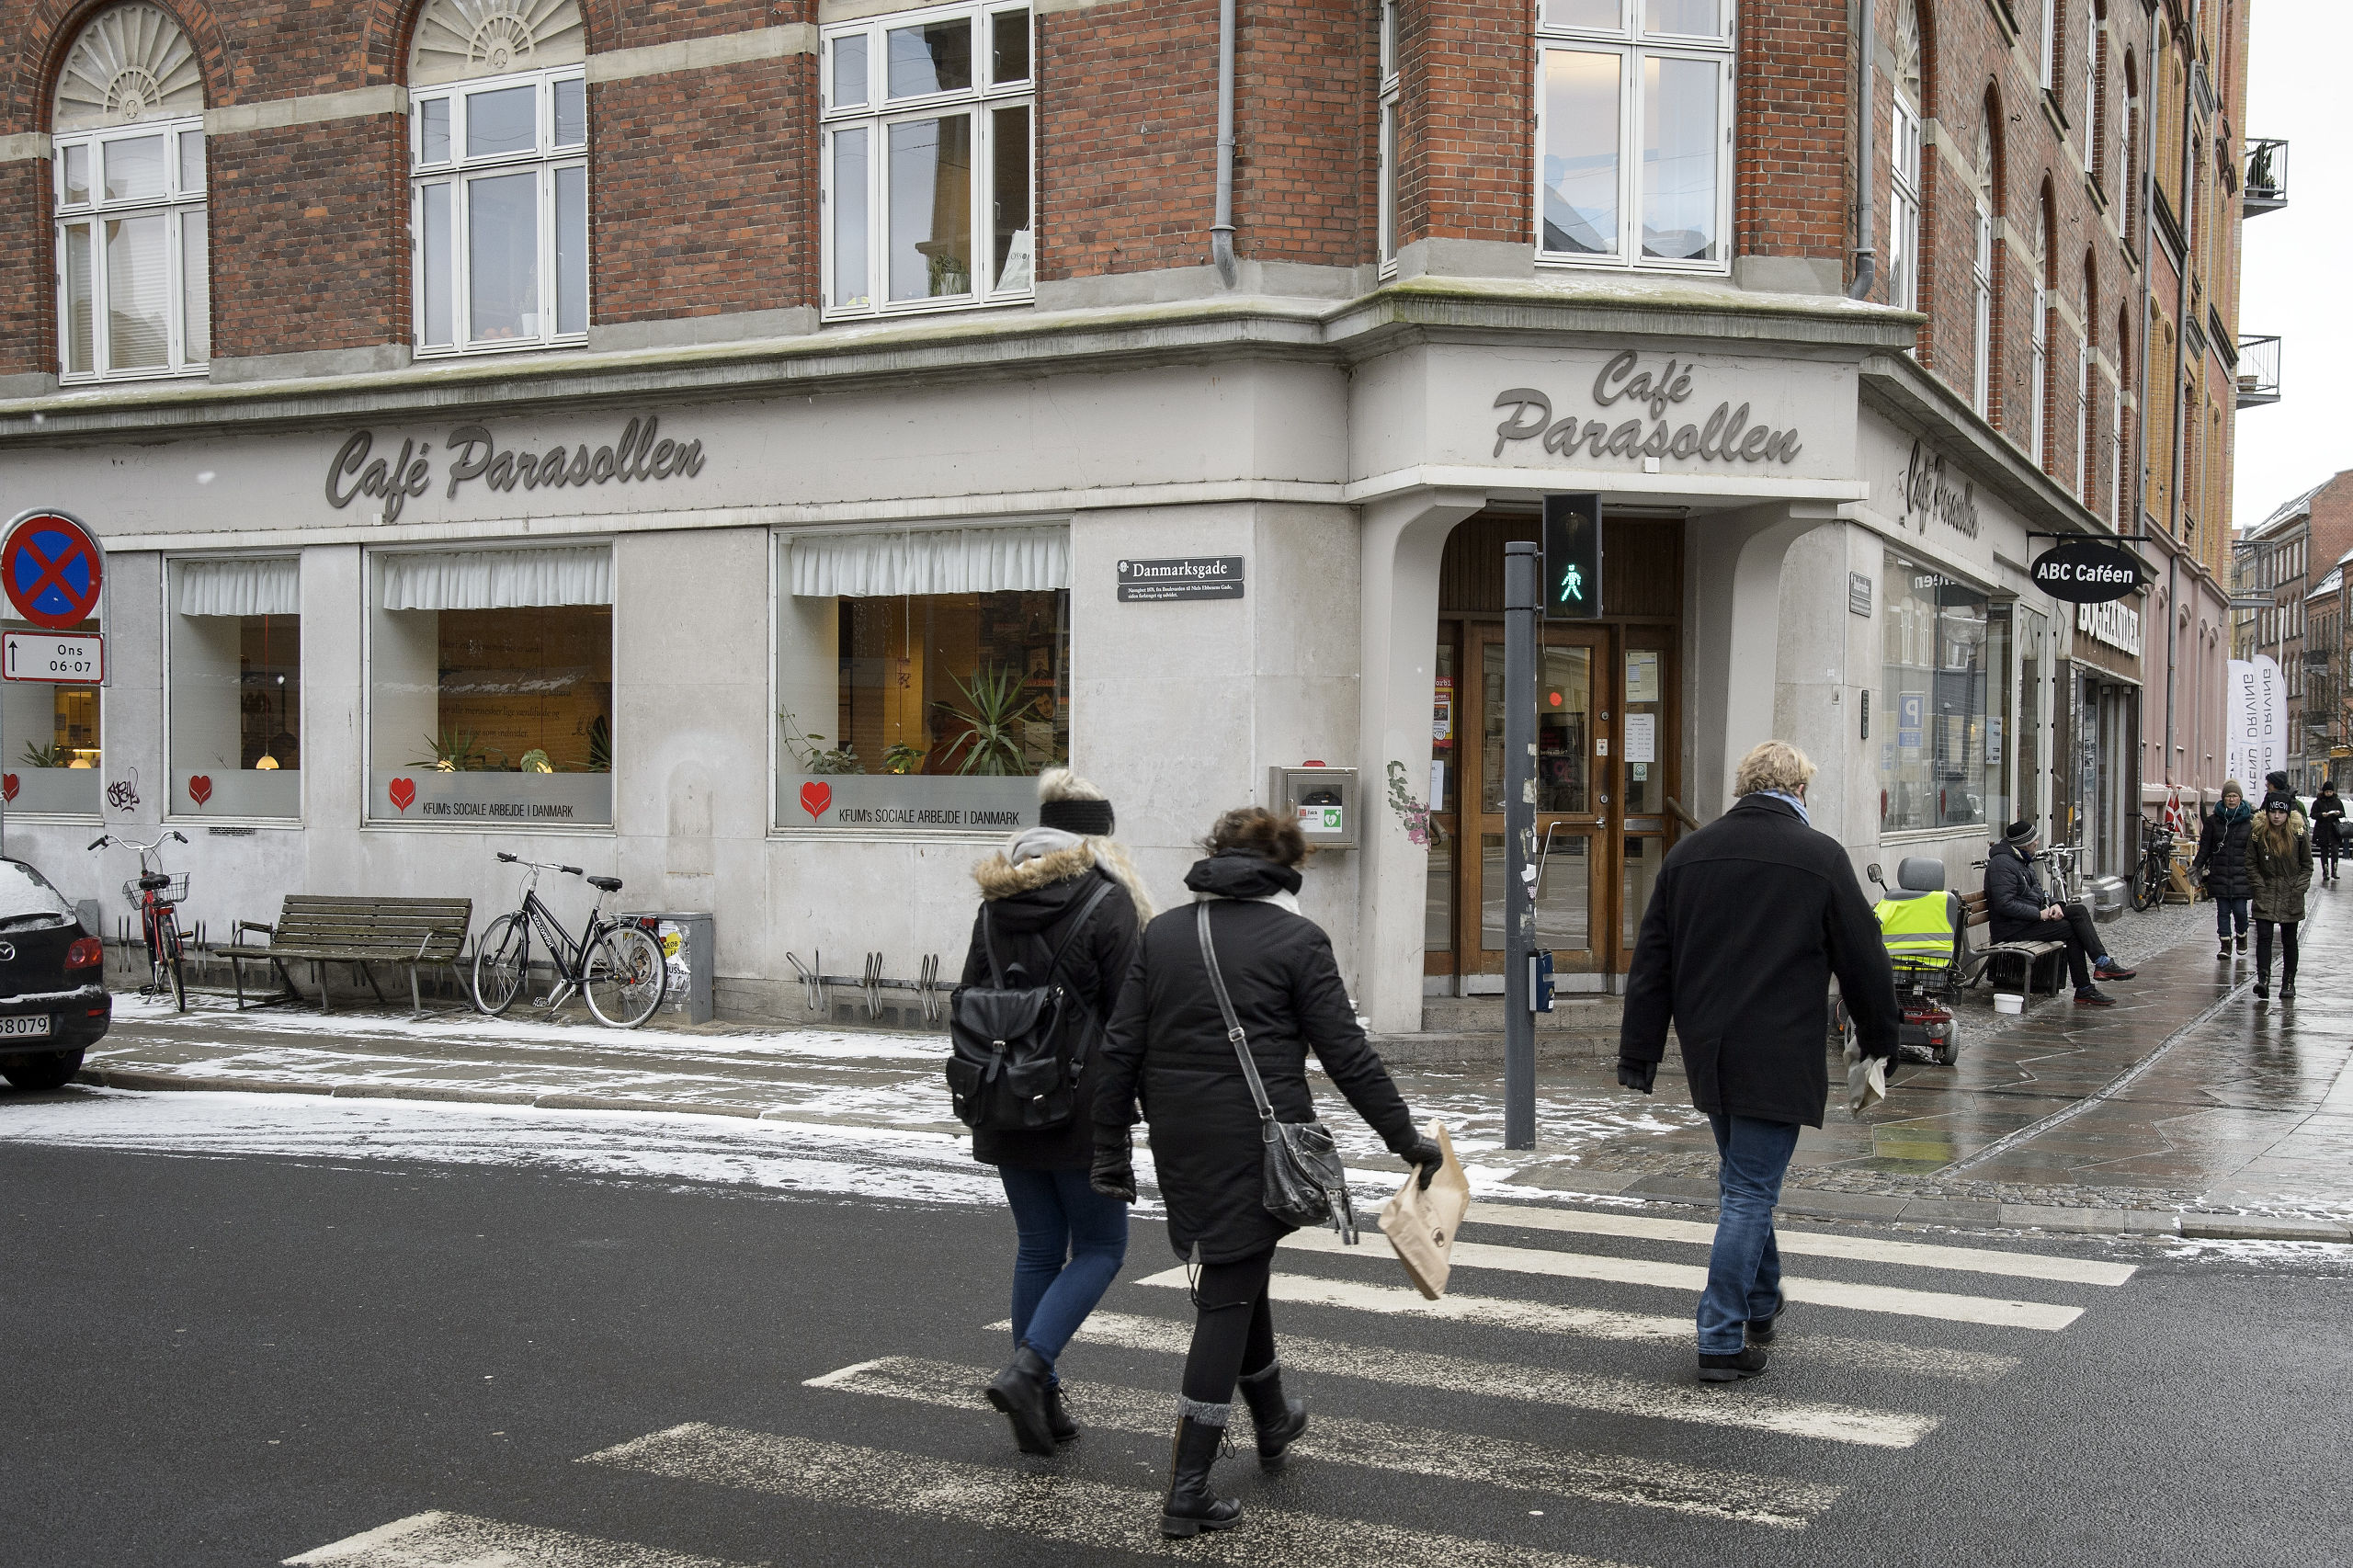 Café Parasollen på Boulevarden i Aalborgs midtby udfører et utrætteligt socialt arbejde for de hjemløse i byen og bliver derfor igen belønnet for indsatsen med en økonomisk donation. Arkivfoto: Peter Broen